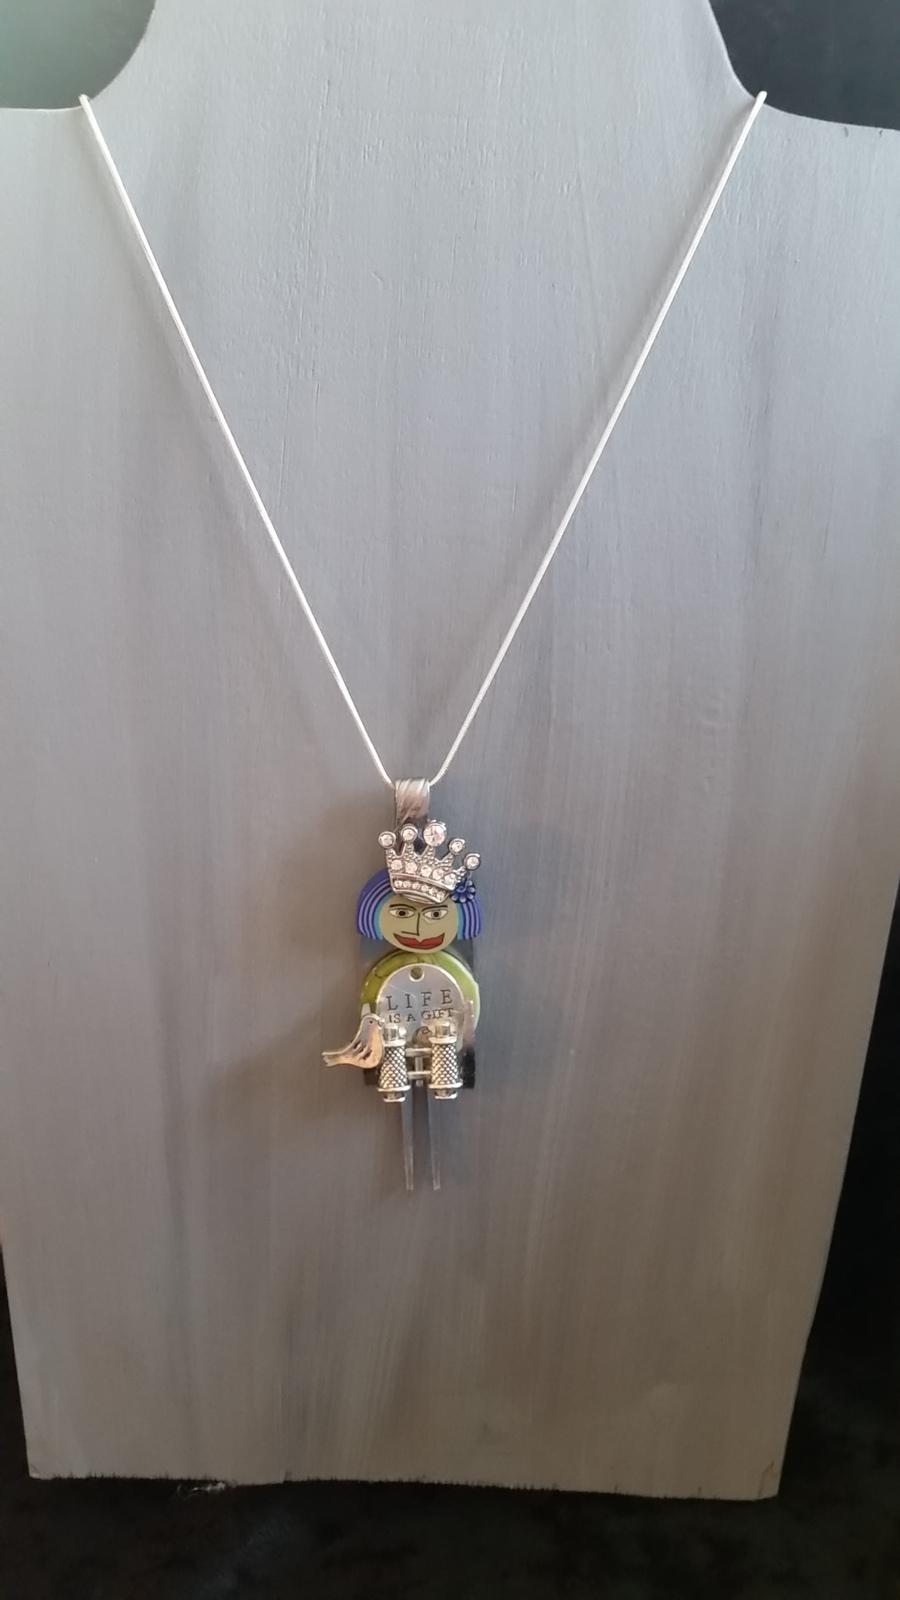 Queen of  bird watching necklace pendant